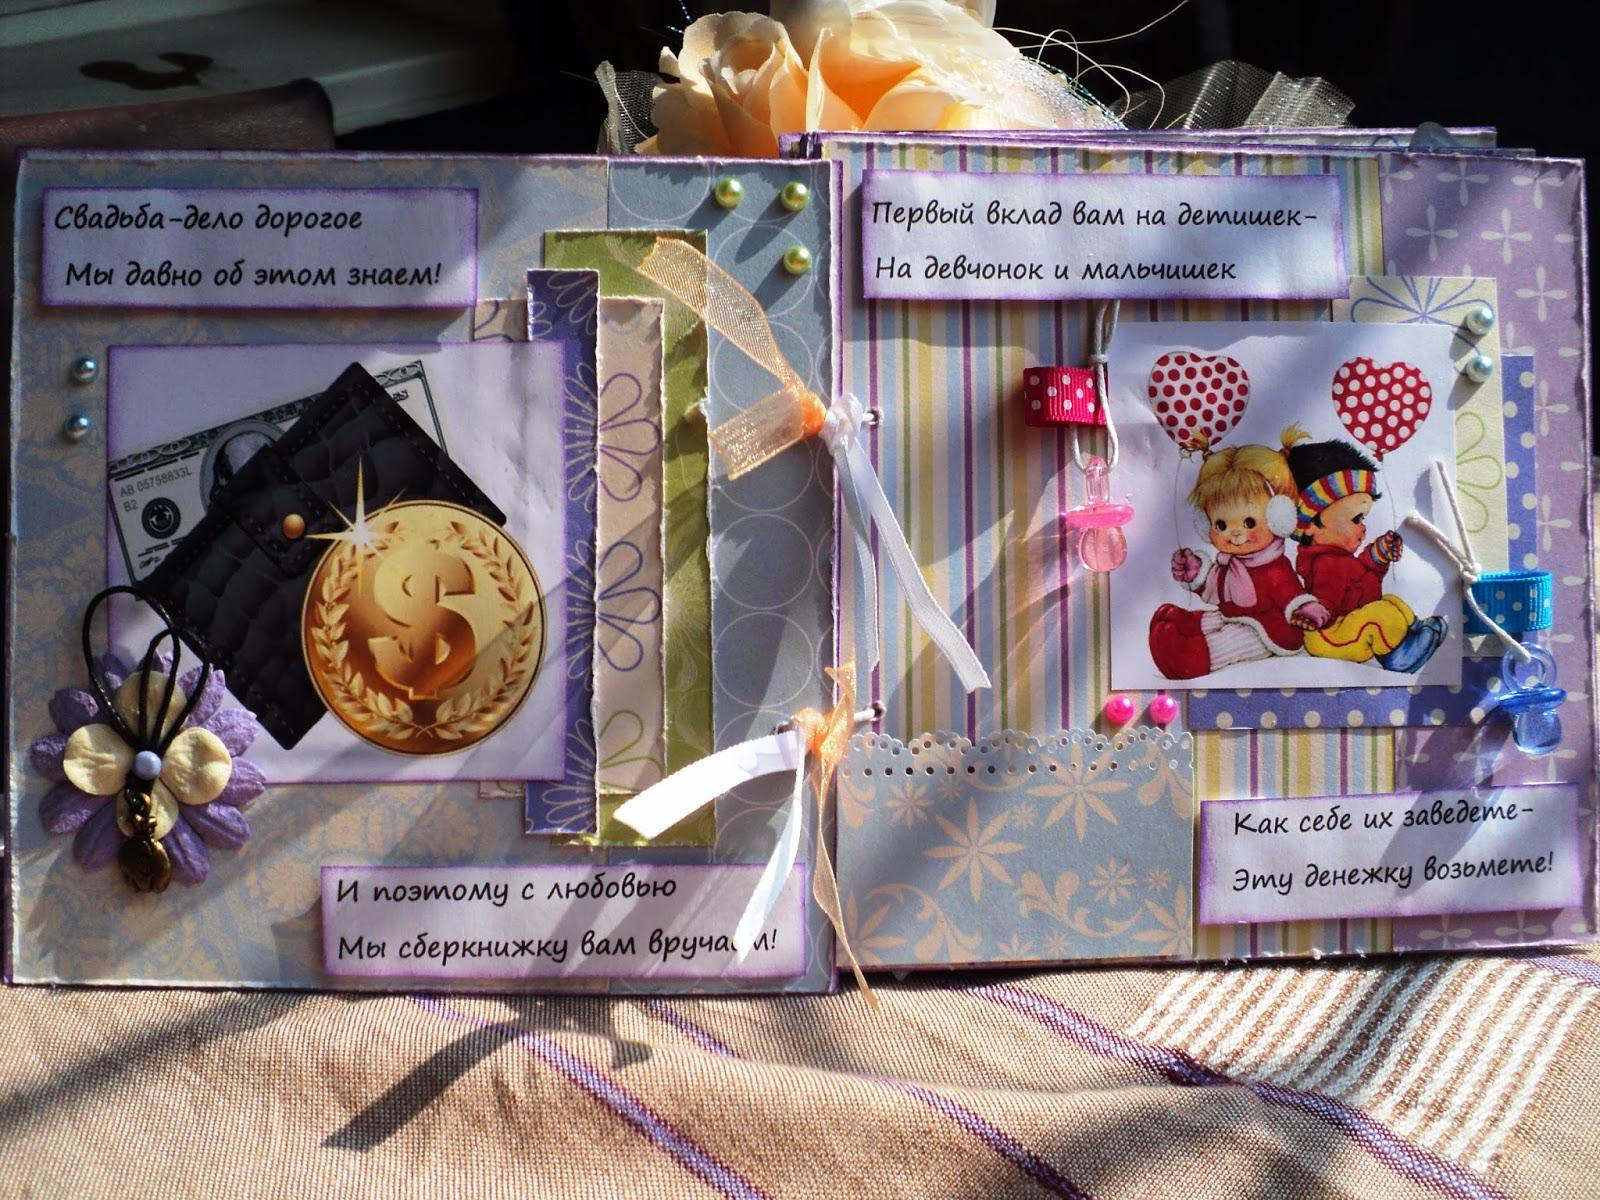 Прикольные подарки на свадьбу с поздравлением от подруги